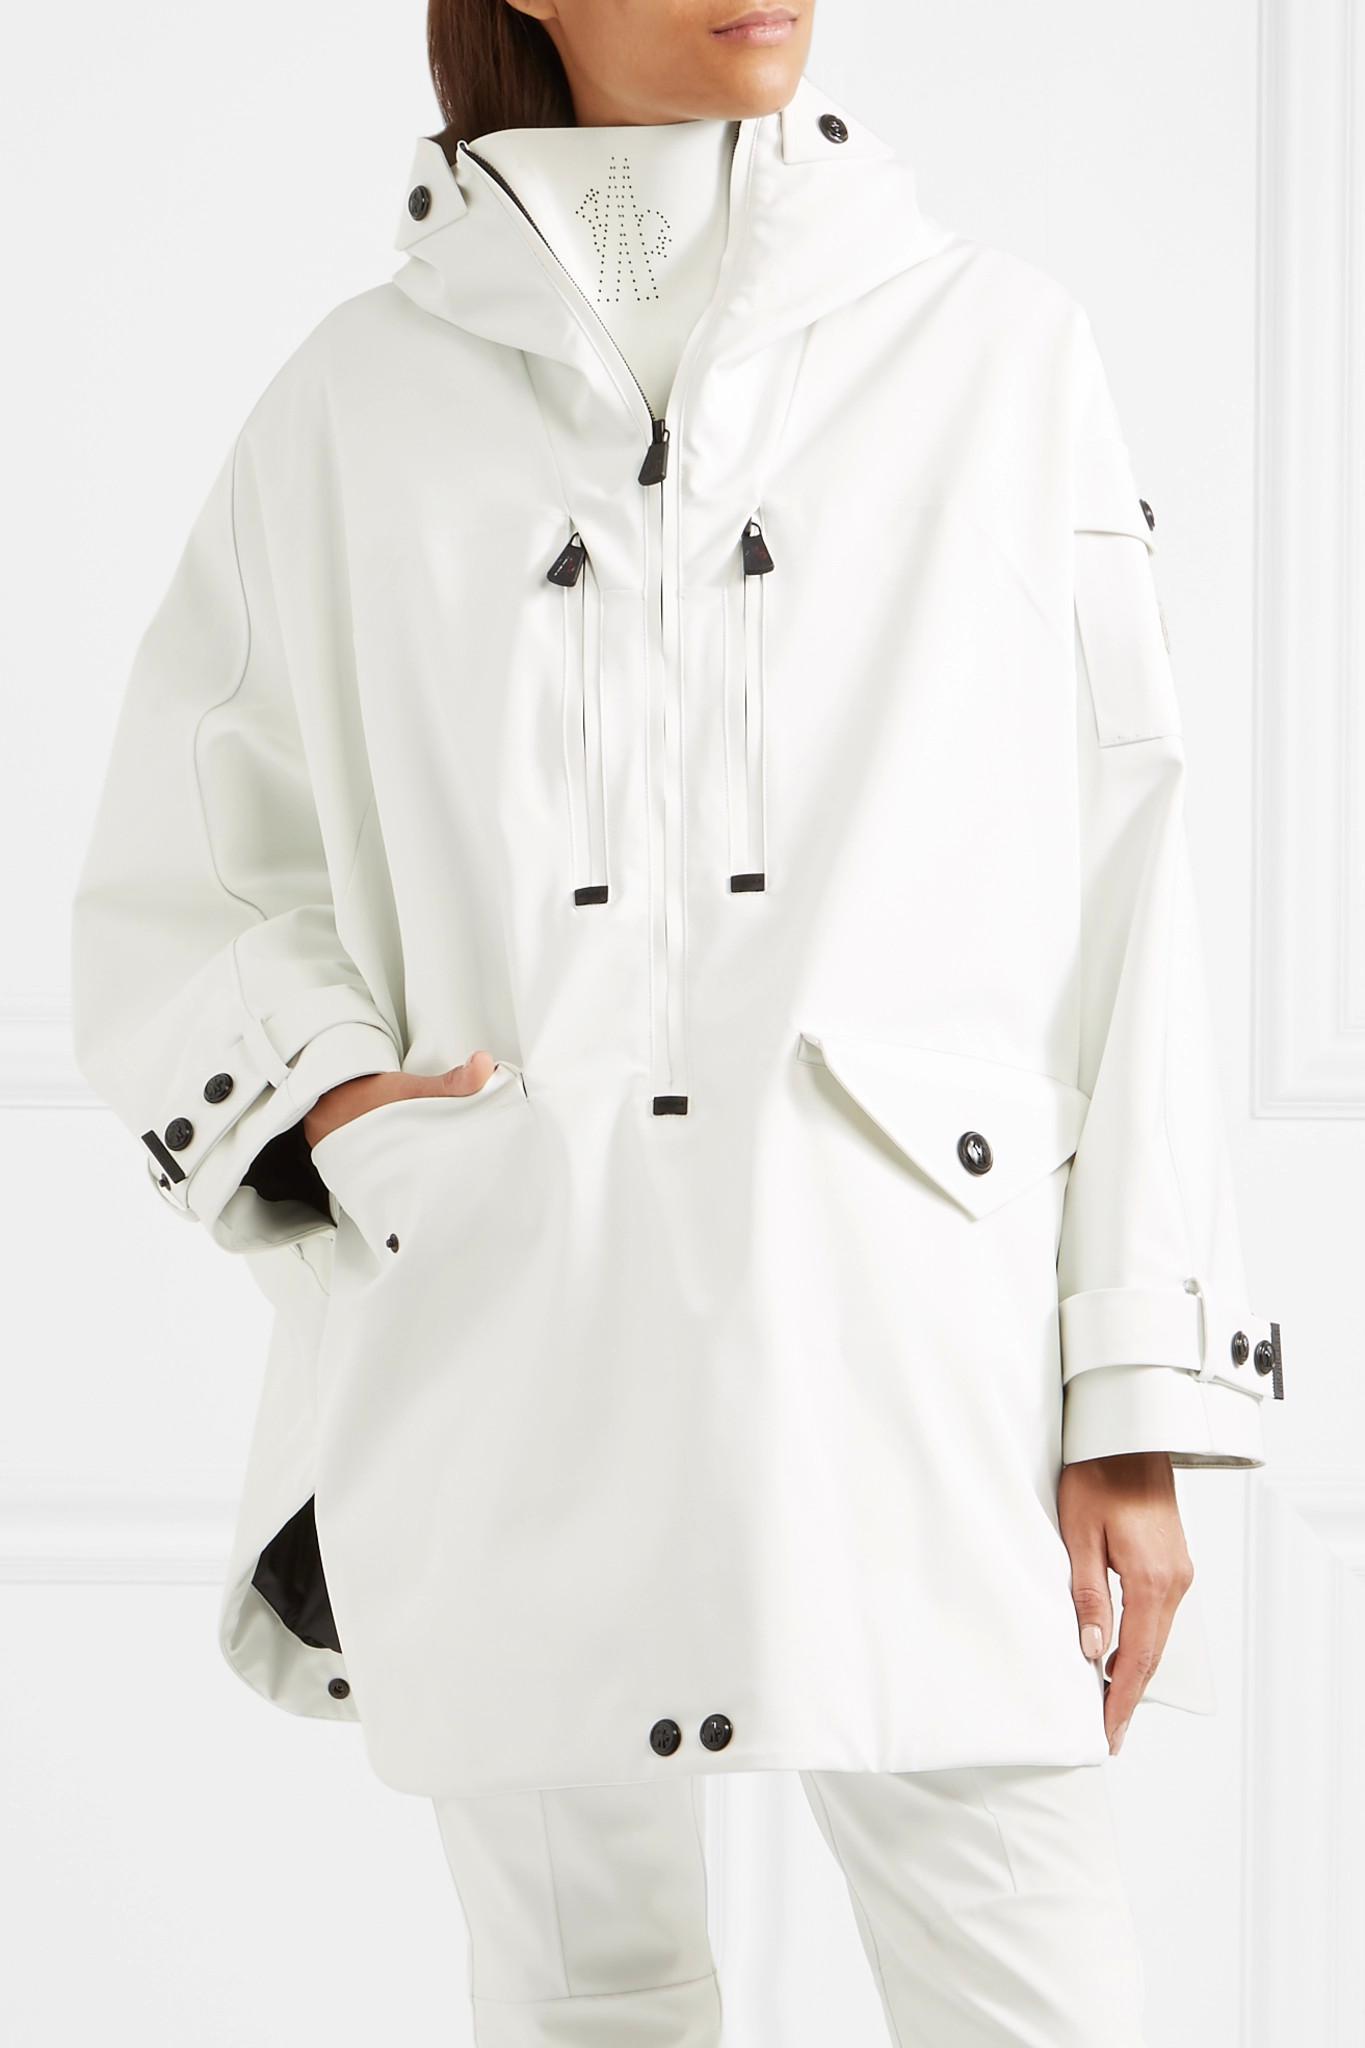 3cadbbe761a5 canada moncler vest white uniforms 2985b 2a665